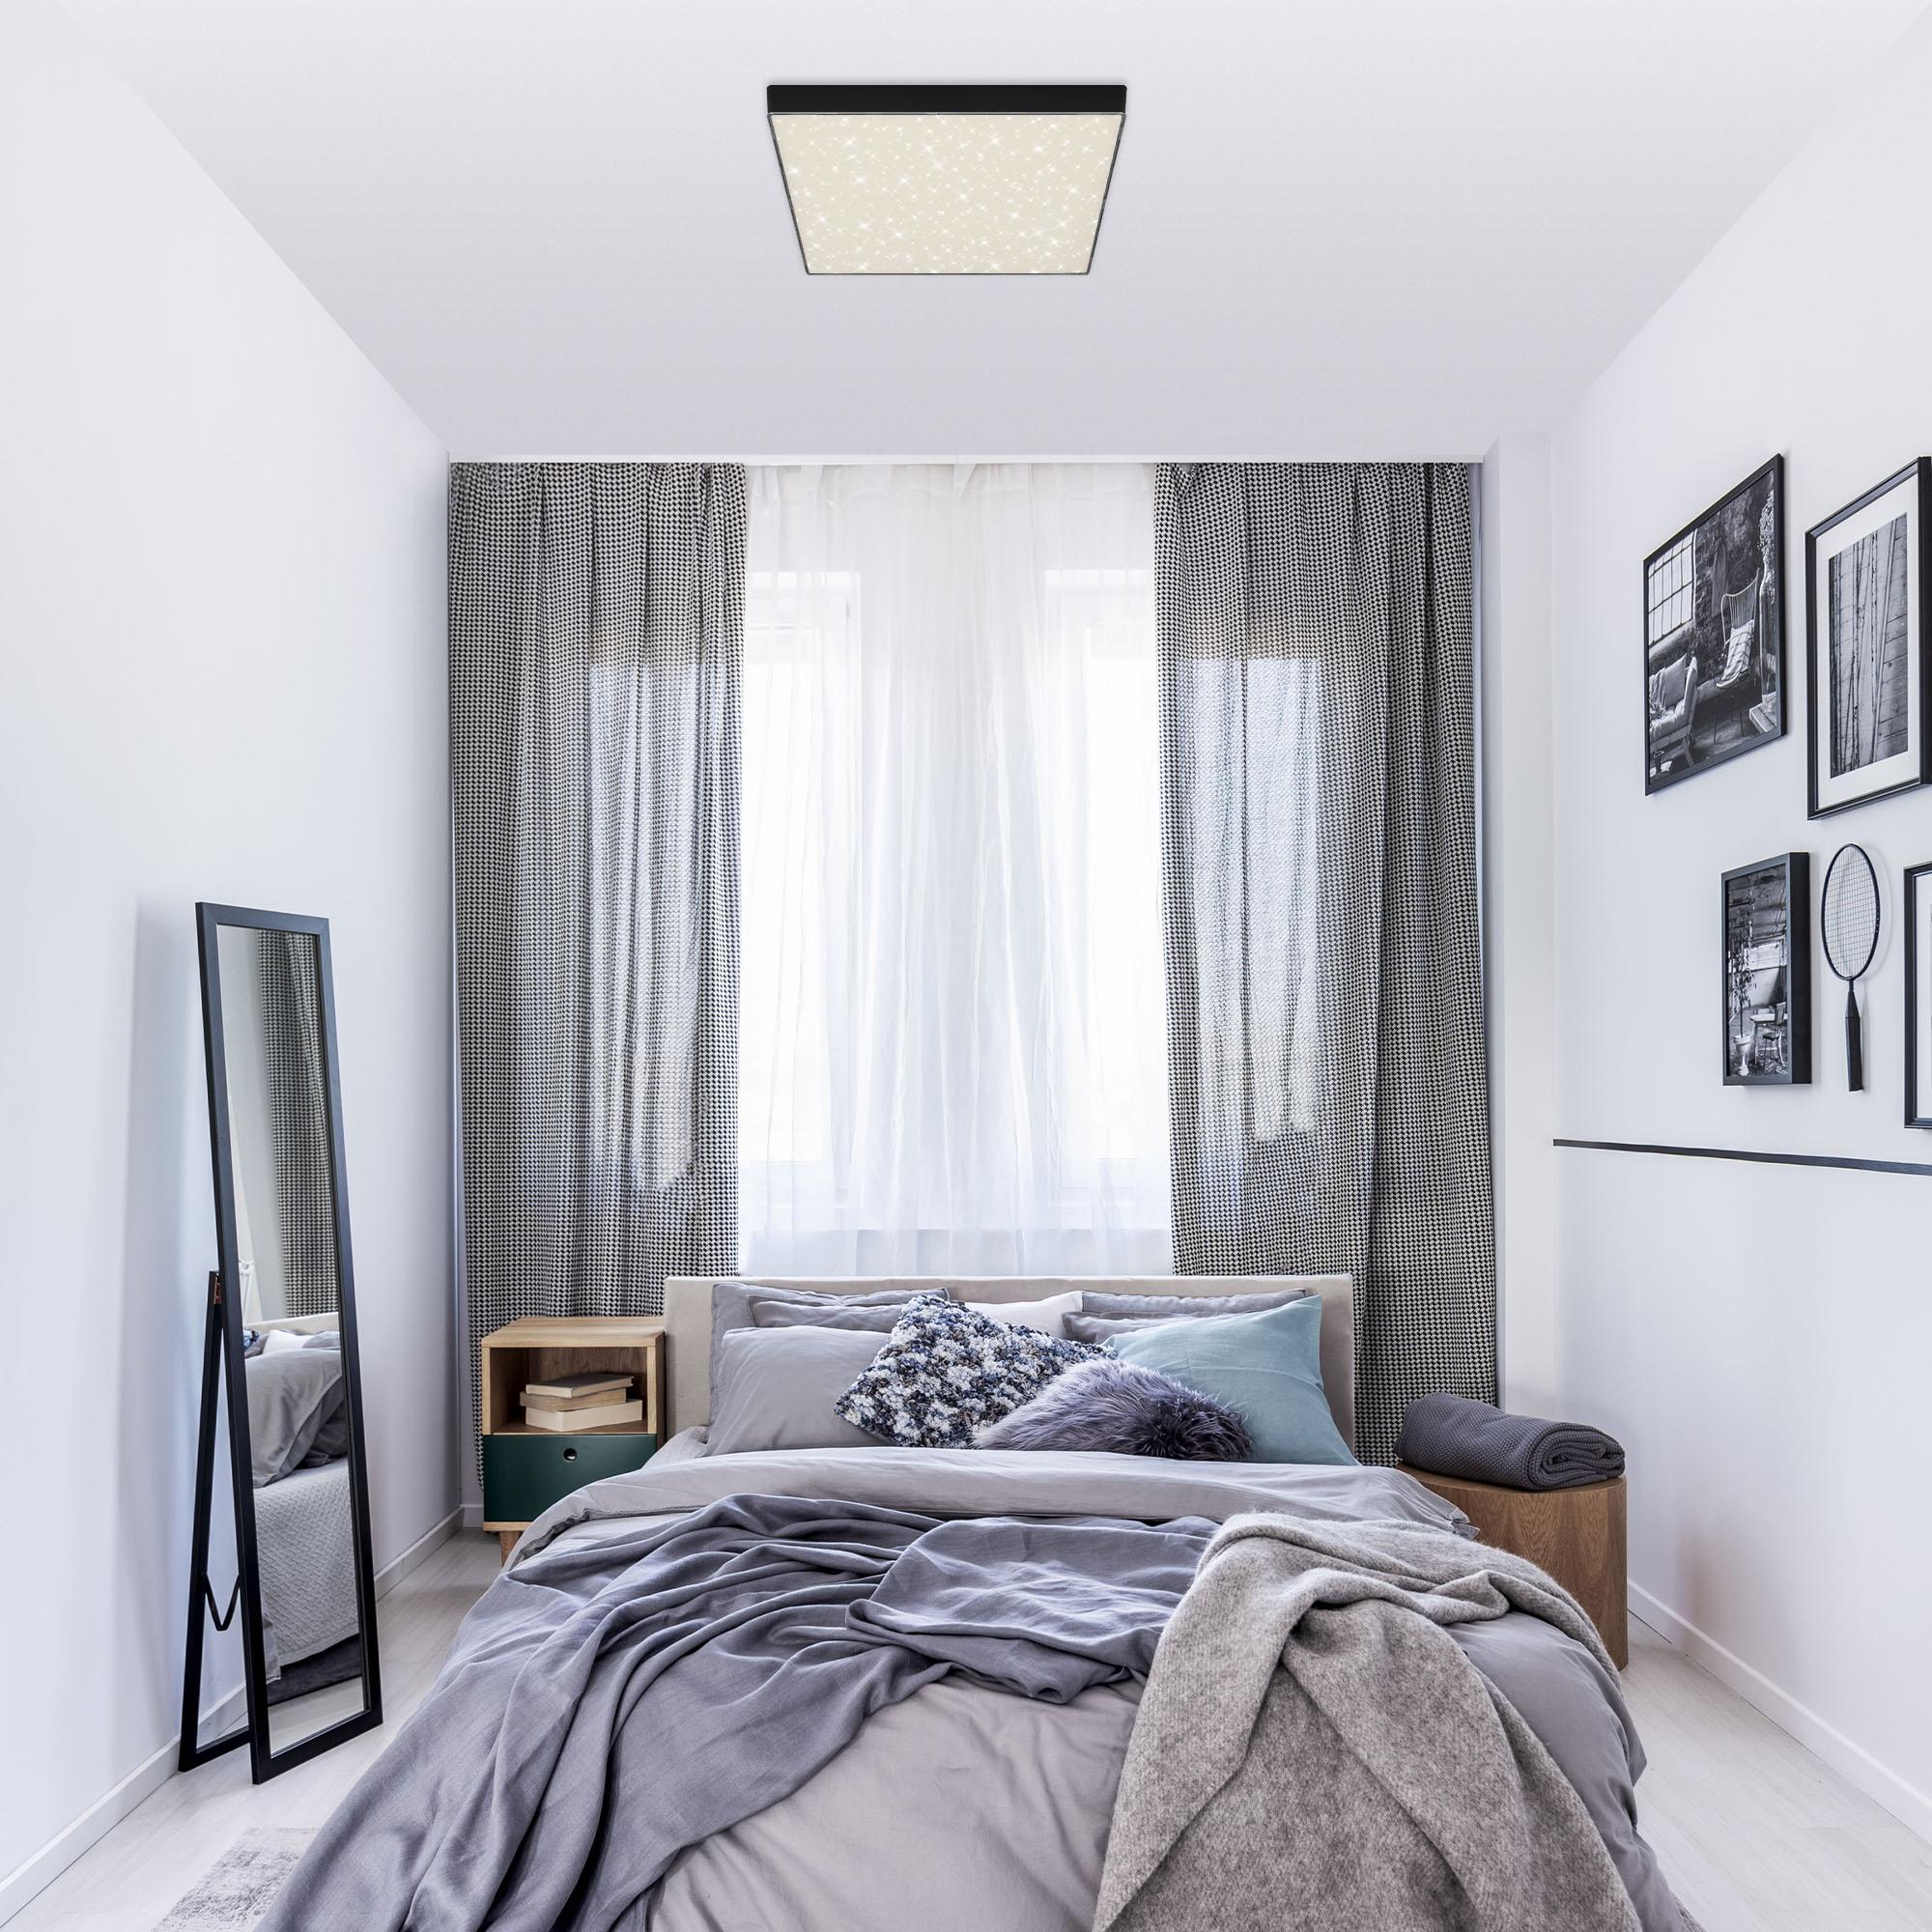 STERNENHIMMEL LED Deckenleuchte, 28,7 cm, 21 W, Schwarz